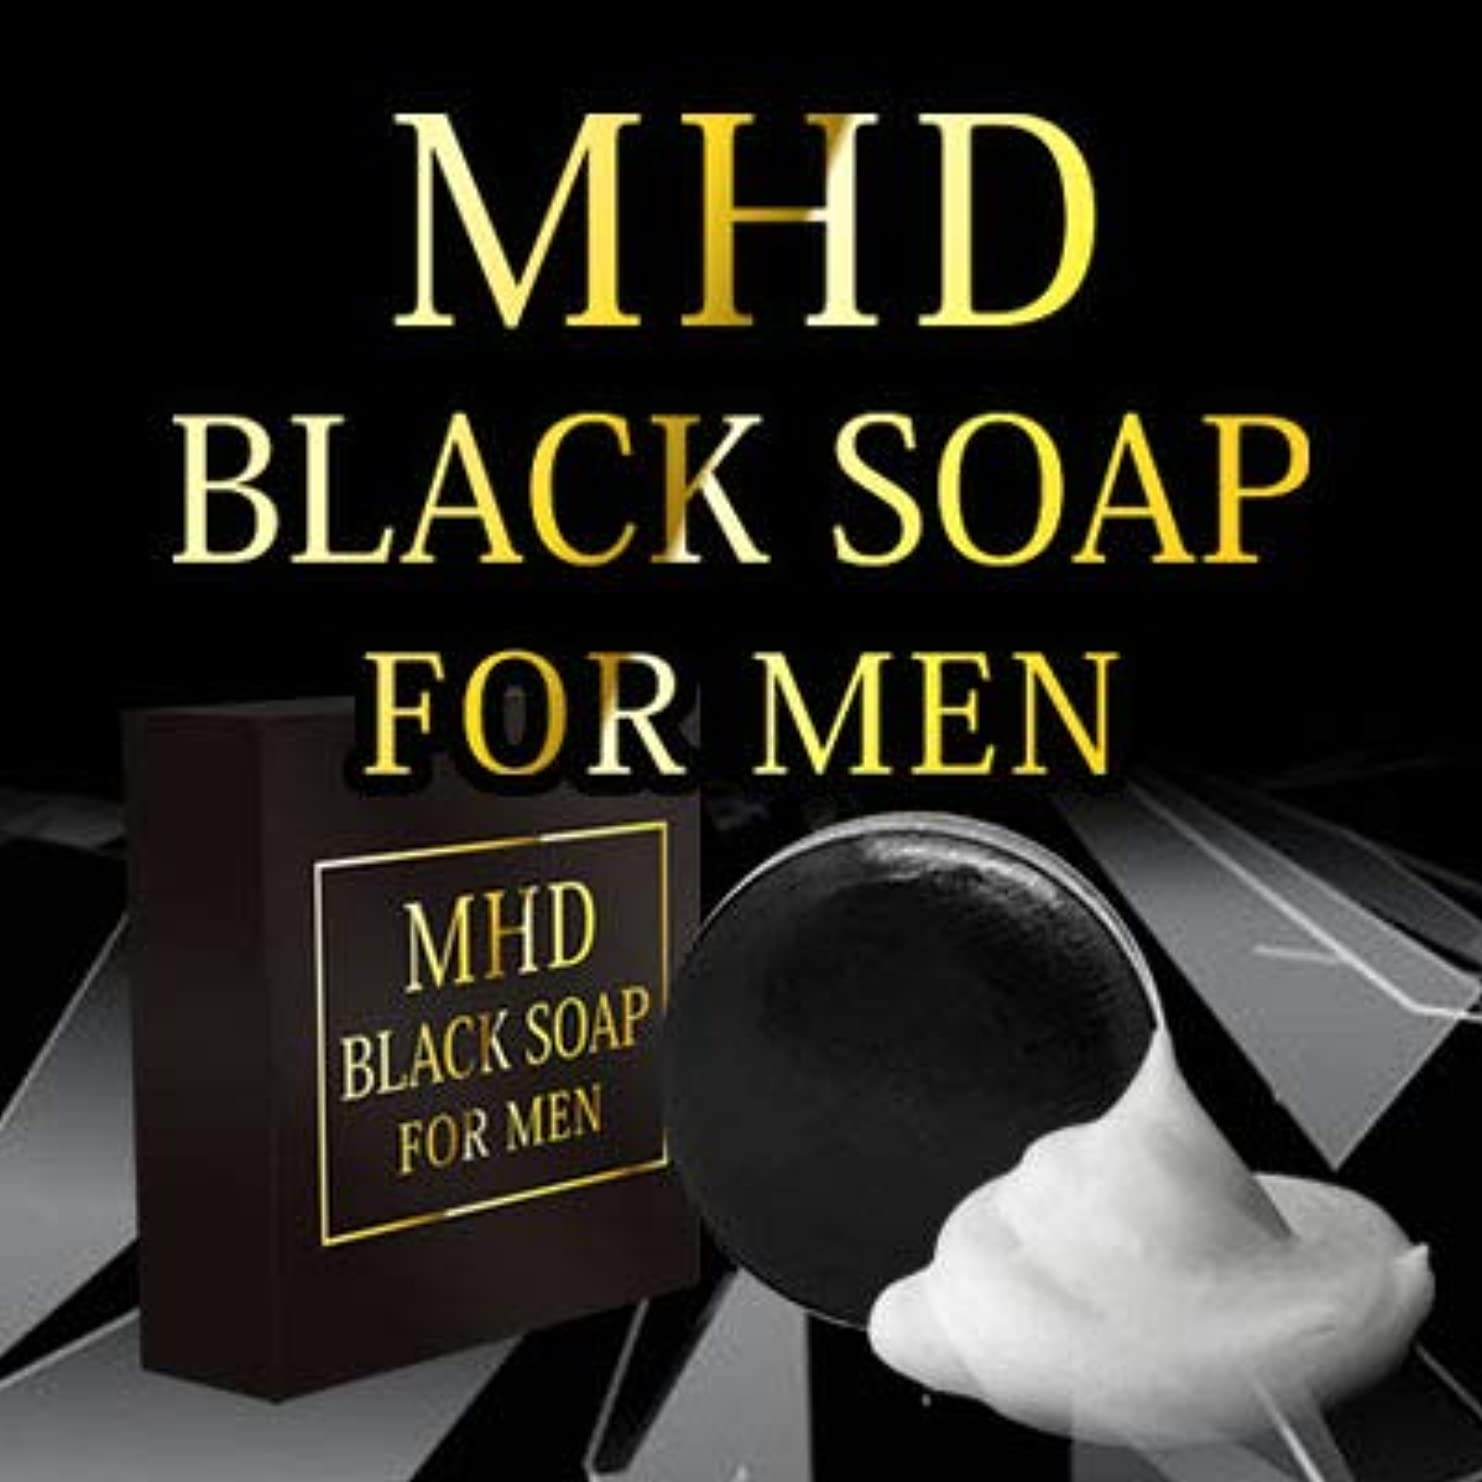 常習者戸棚公使館MHD石鹸(BLACK SOAP FOR MEN) メンズ用全身ソープ